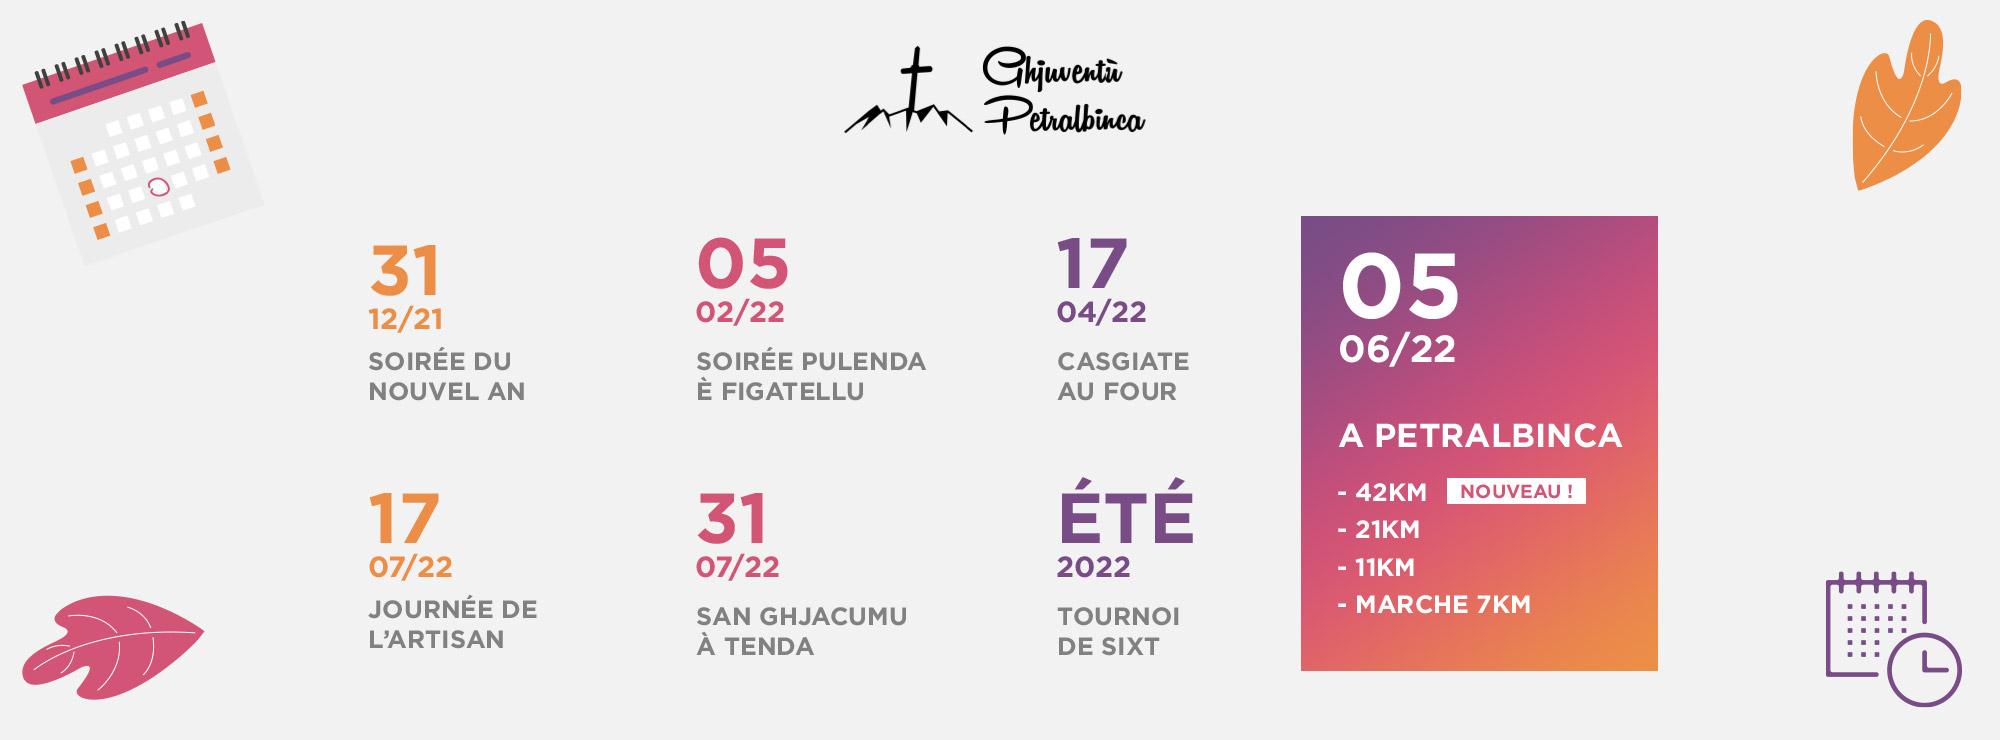 Calendrier évènements pietralba